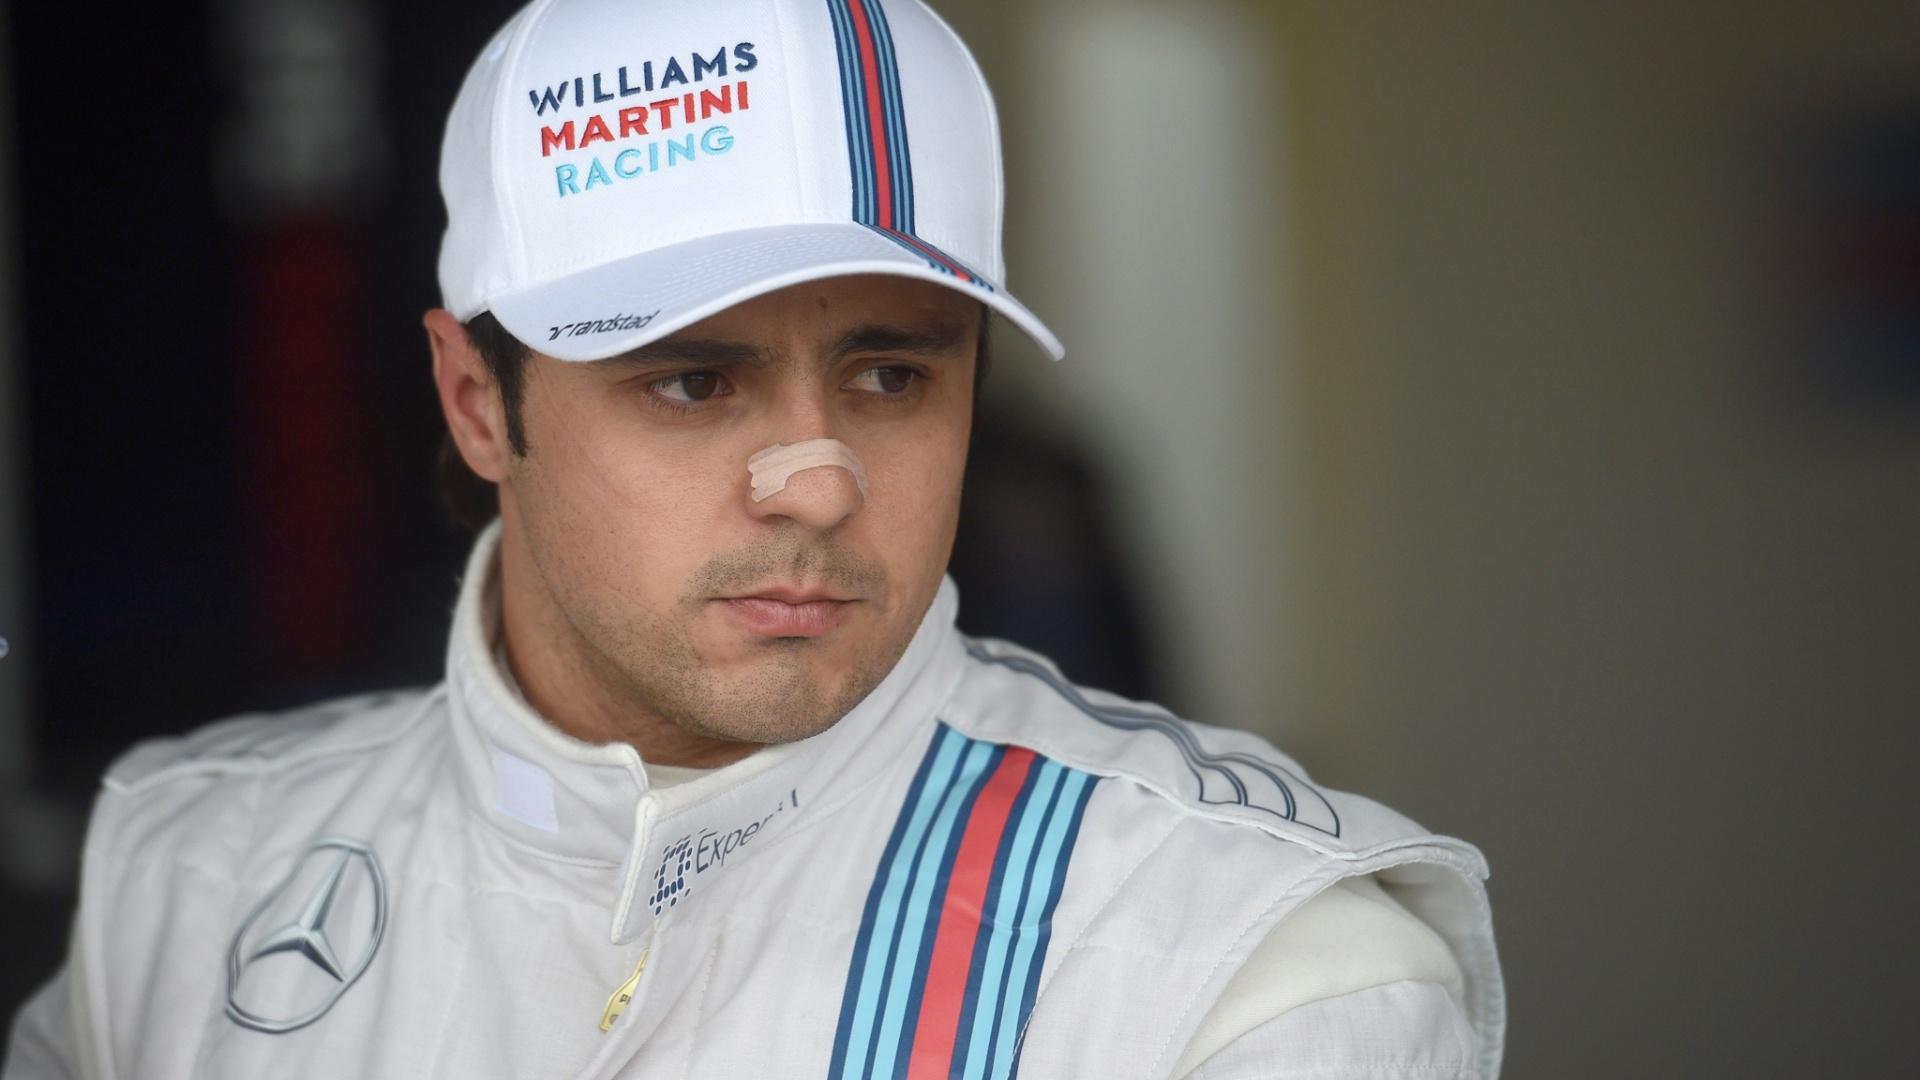 05.jul.2014 - Felipe Massa se concentra no box da Williams antes de ir para a pista no treino de classificação para o GP da Inglaterra em Silverstone